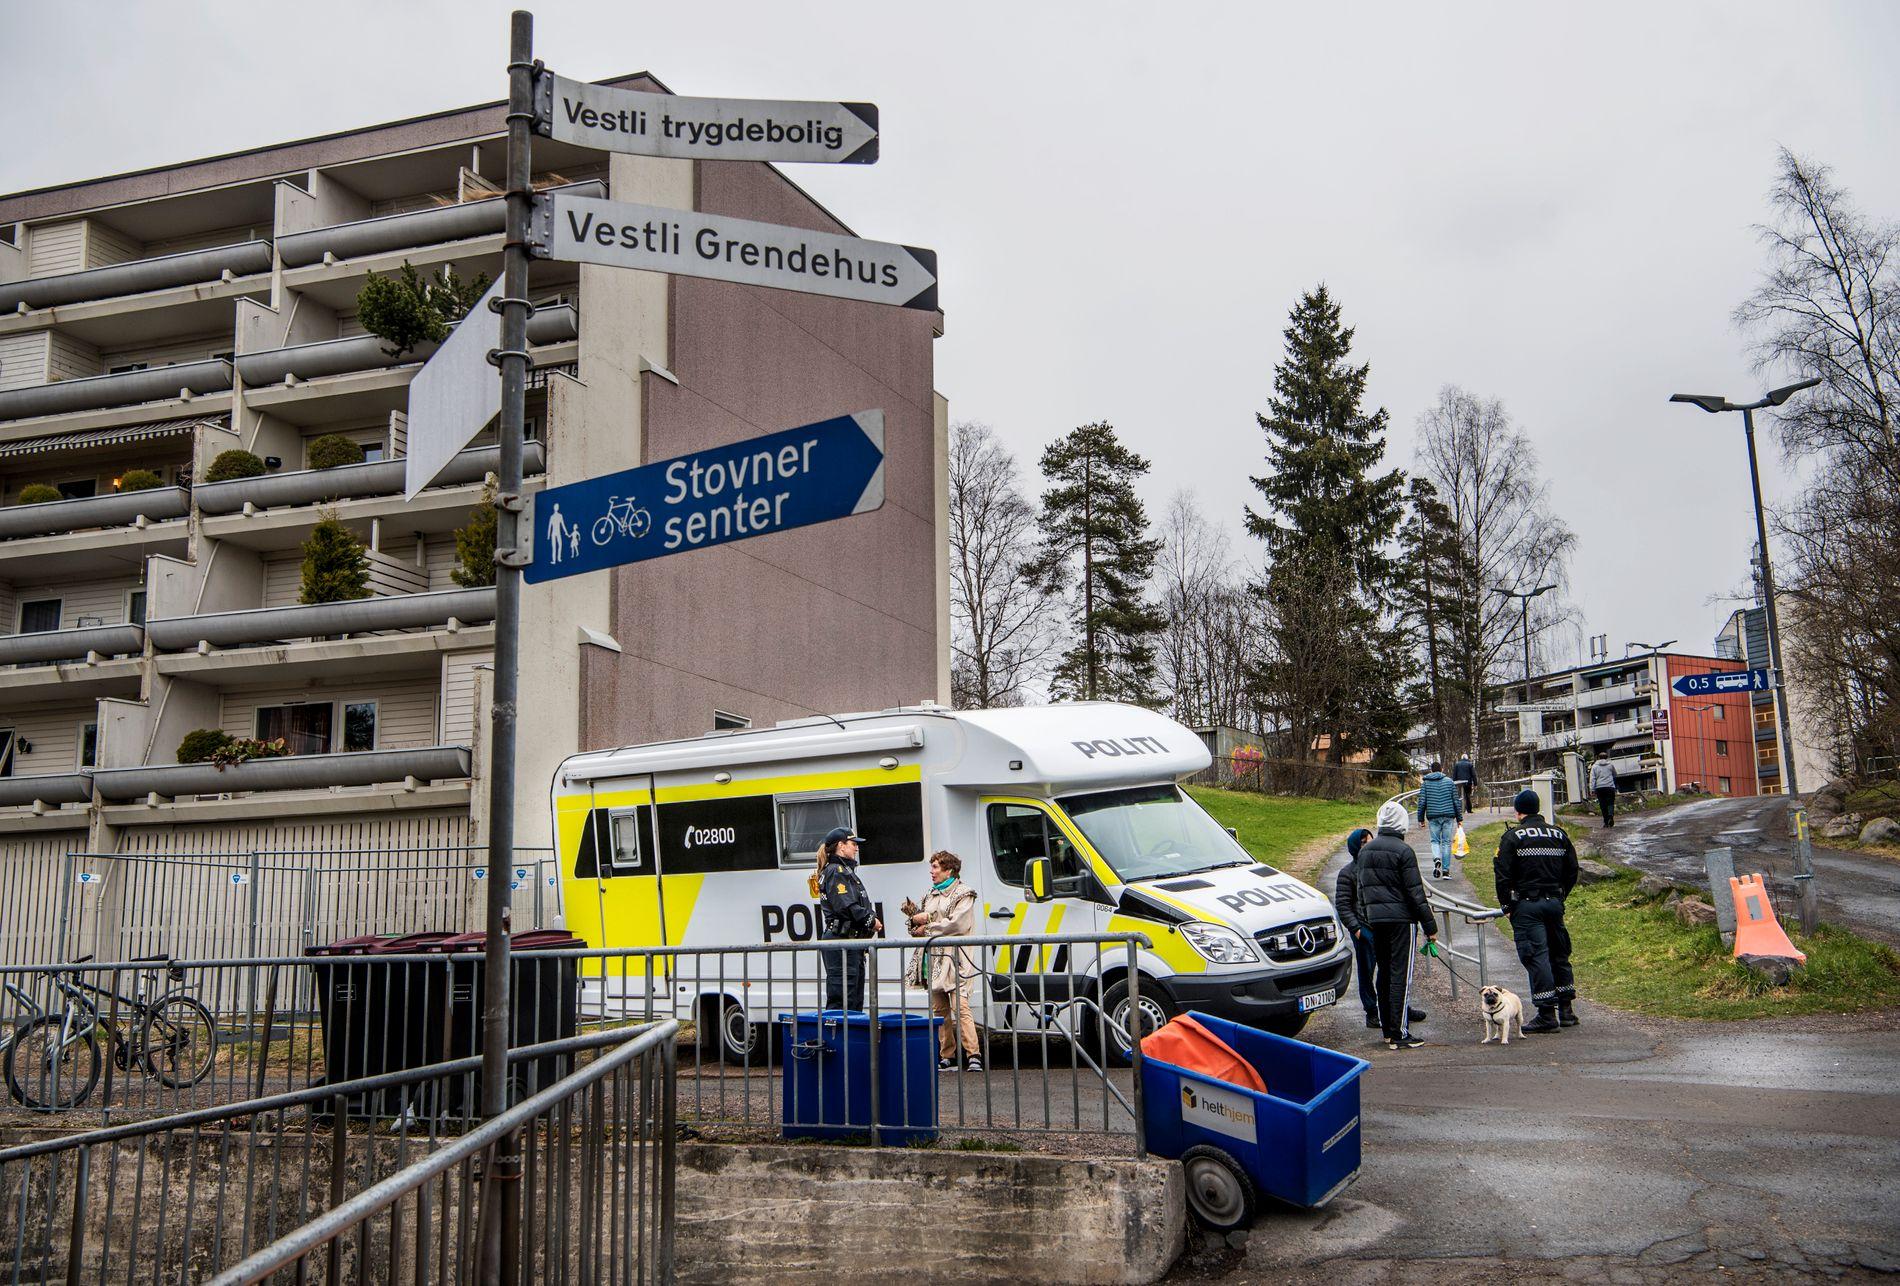 BYDEL MED UTFORDRINGER:  Det har vært mange negative nyhetsoppslag om bydelen Stovner i Oslo den siste tiden. Bildet er fra Vestli hvor politiet er på plass med synlig politi.